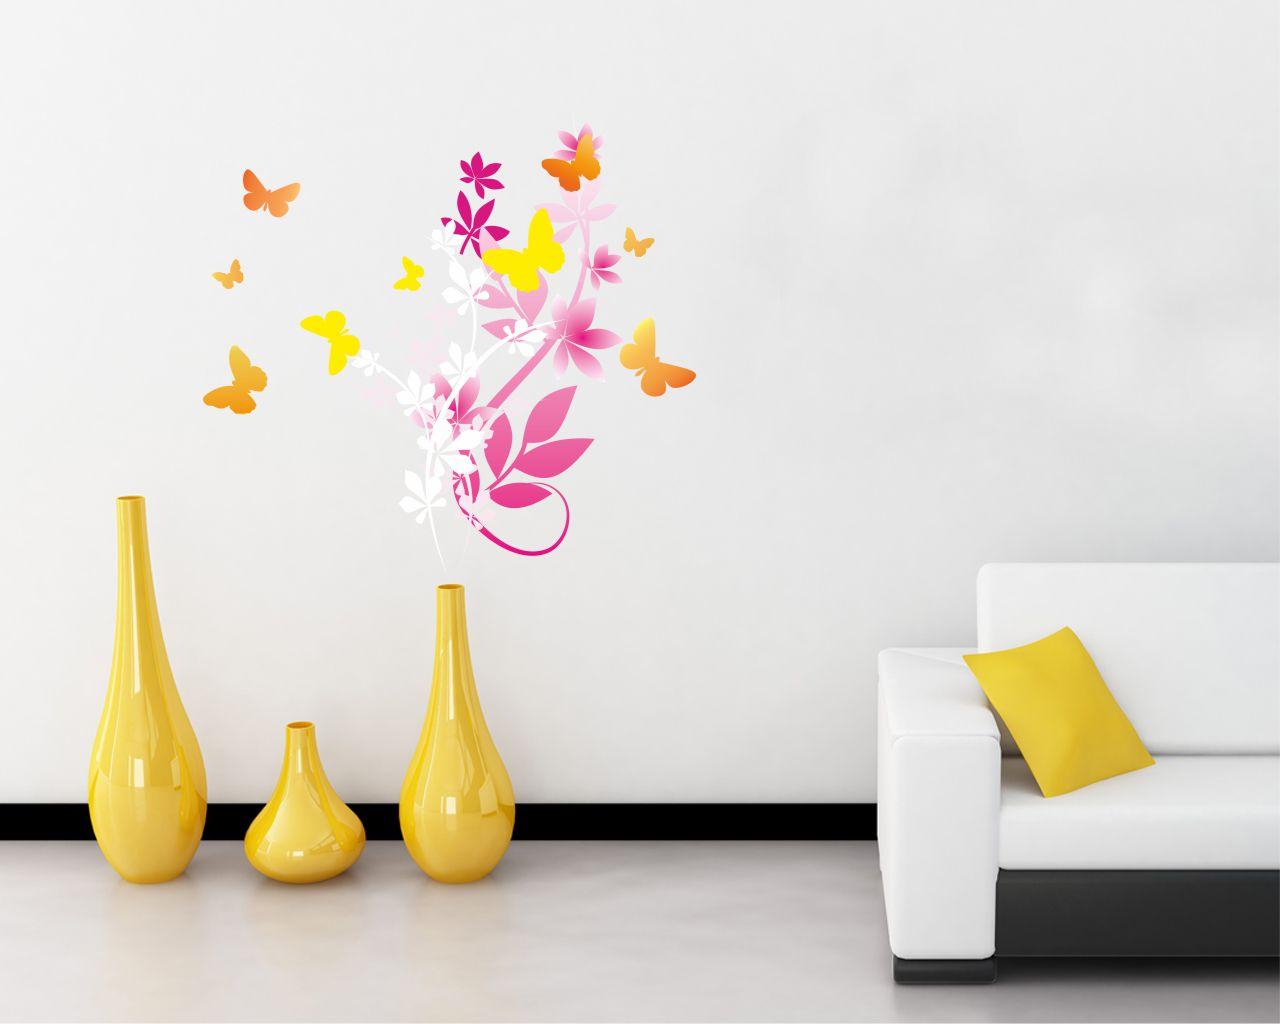 Farfalle Tra I Fiori Animali Adesivo Murale Interni Decori